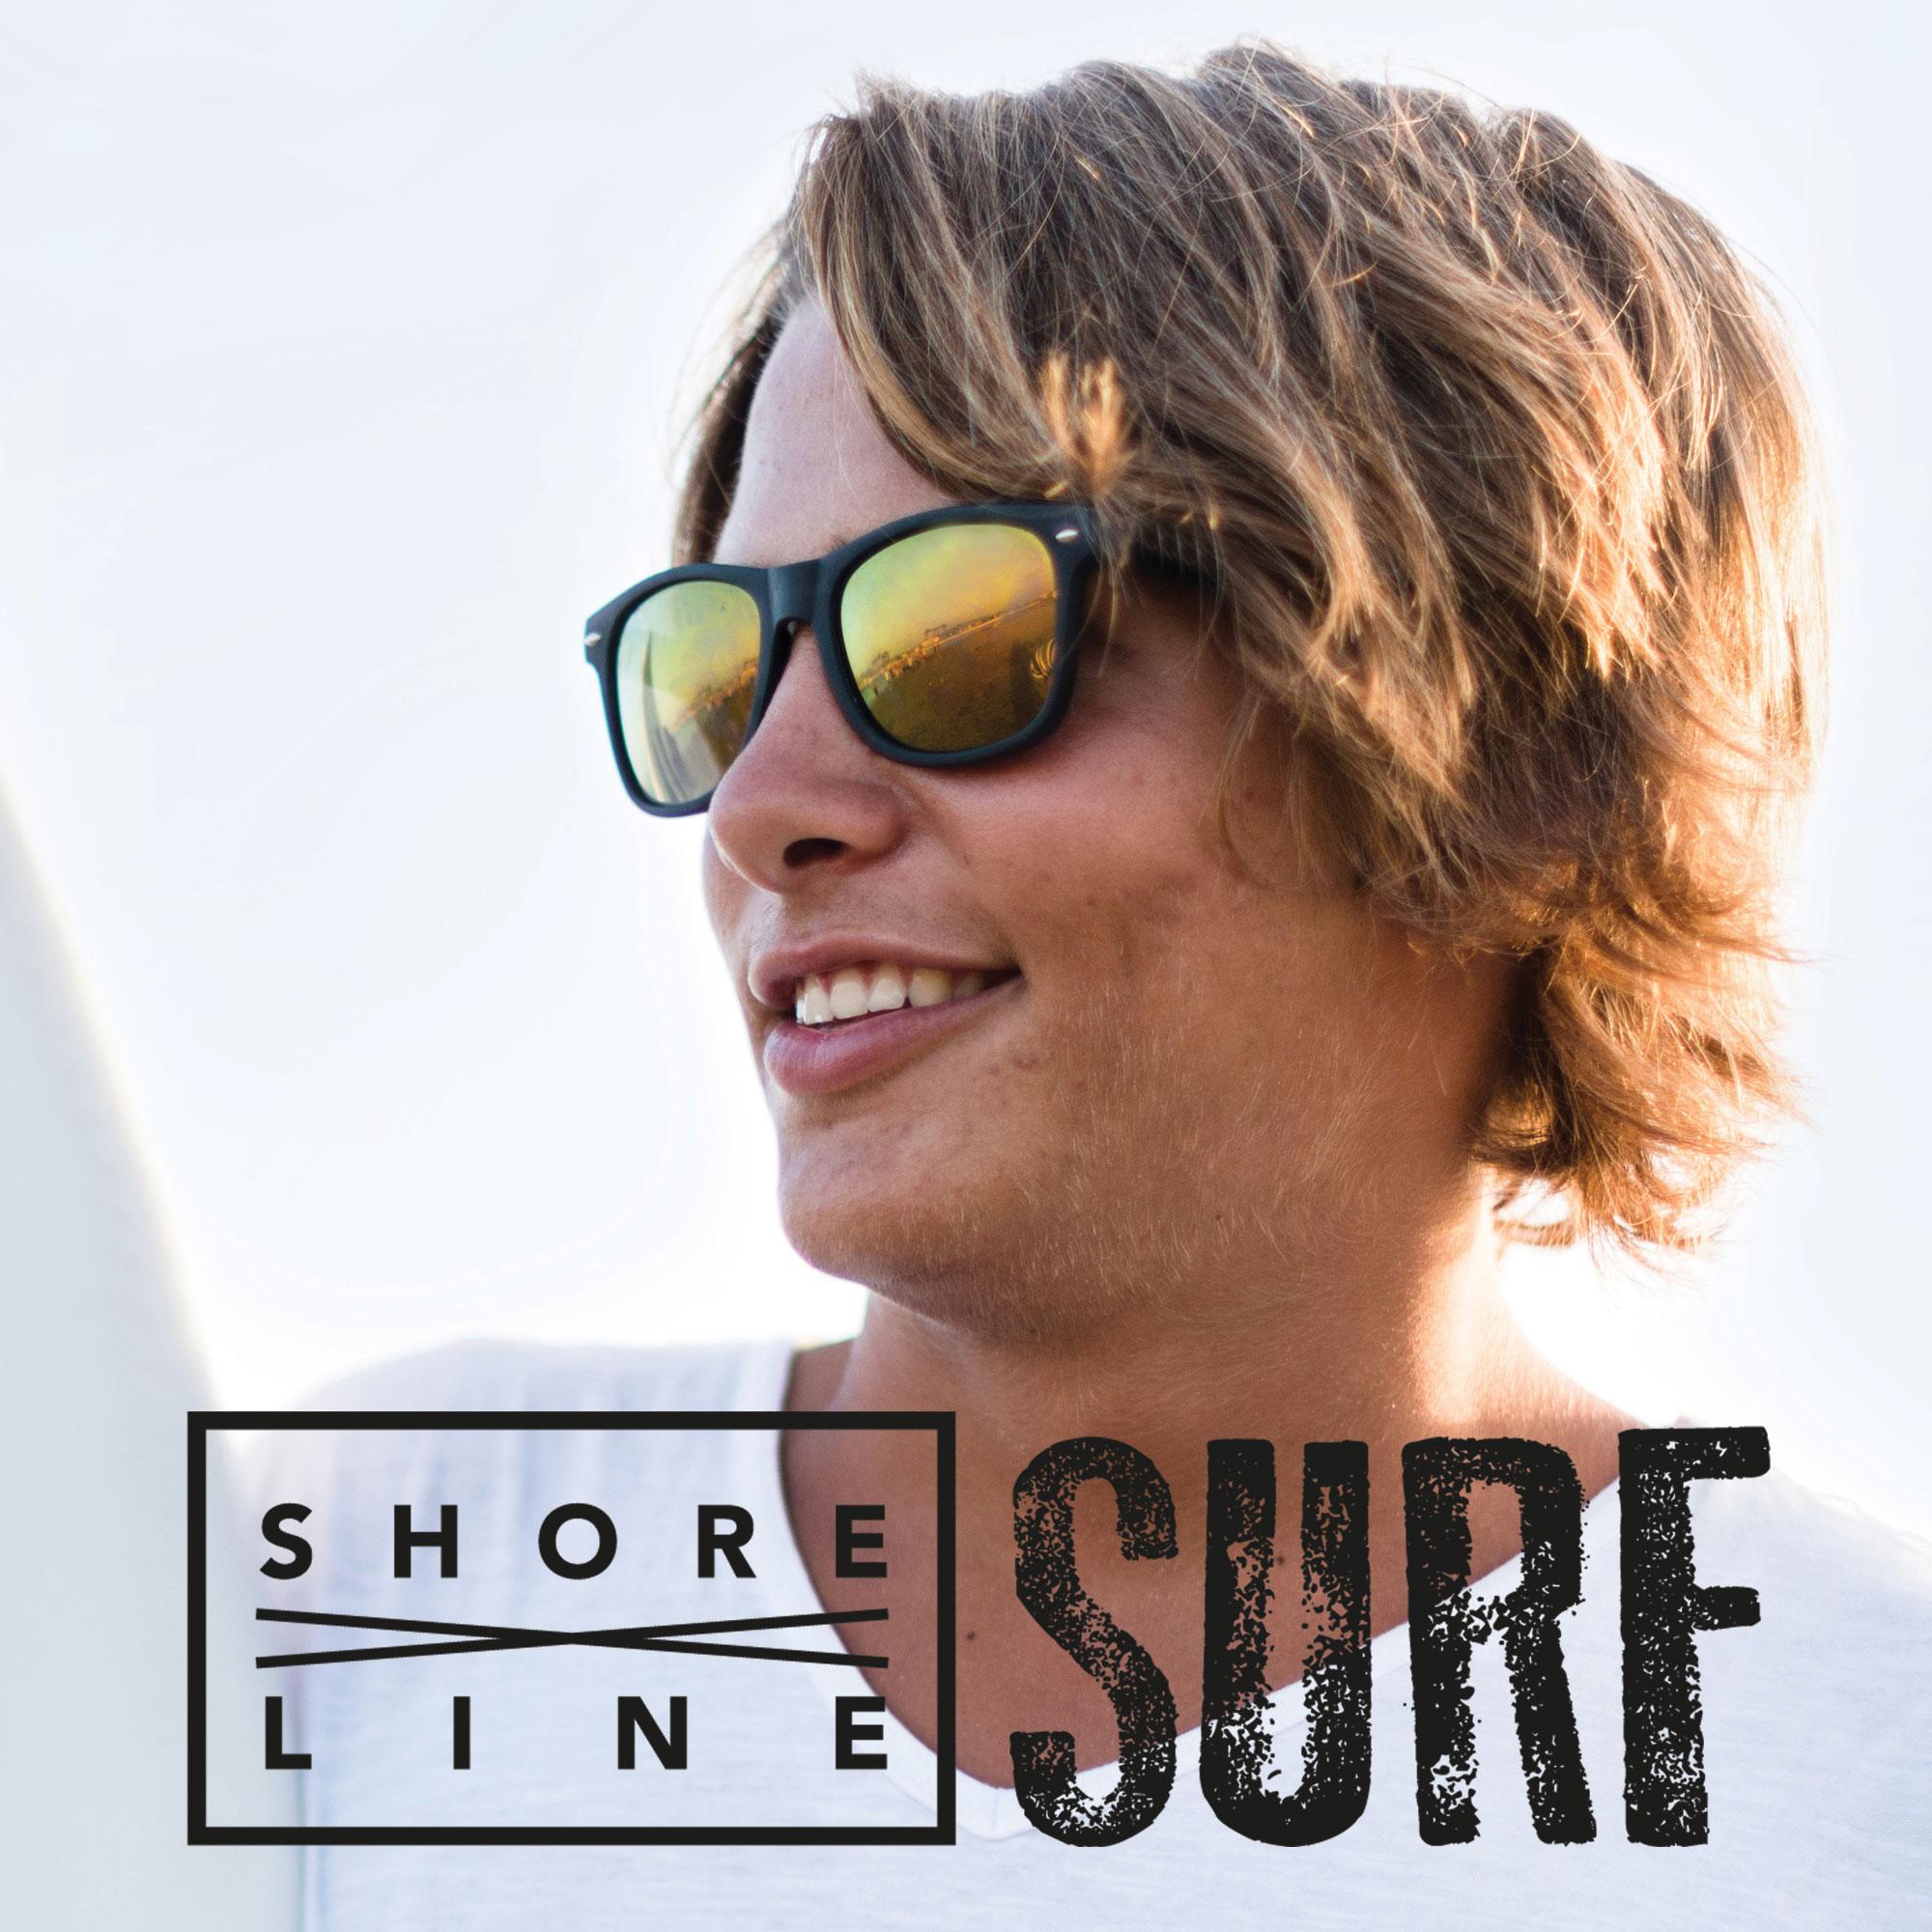 Brand-Page-Link-Shoreline-Surf.jpg